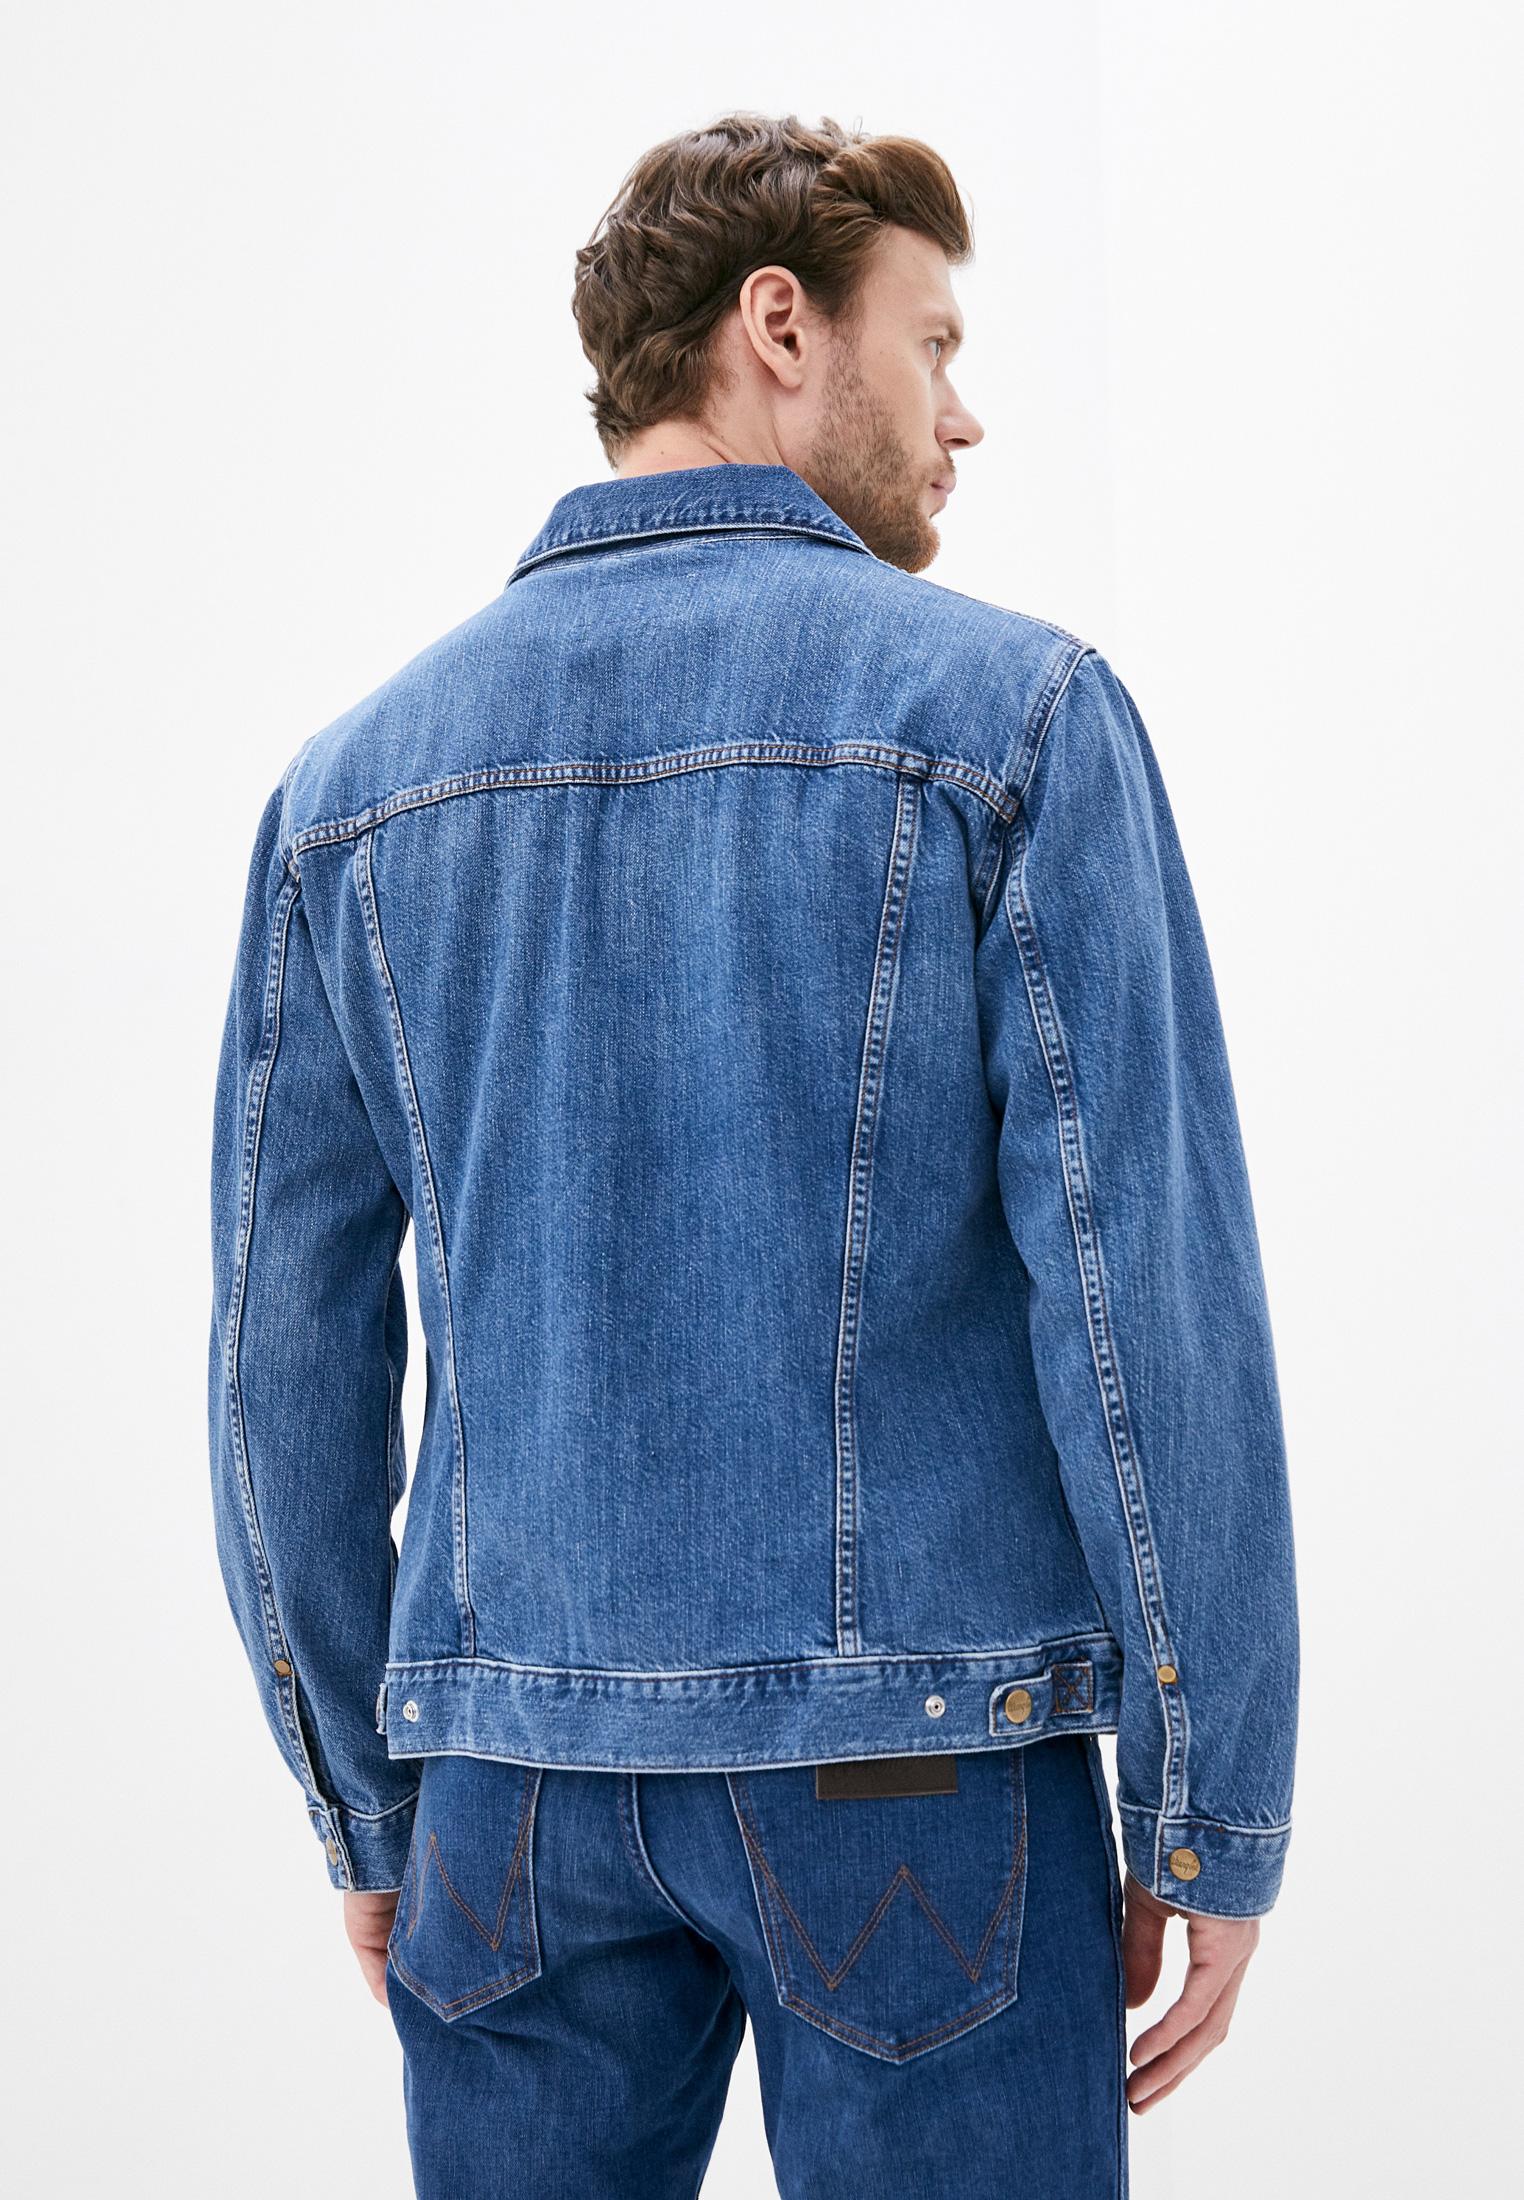 Джинсовая куртка Wrangler (Вранглер) W443Q318F: изображение 3